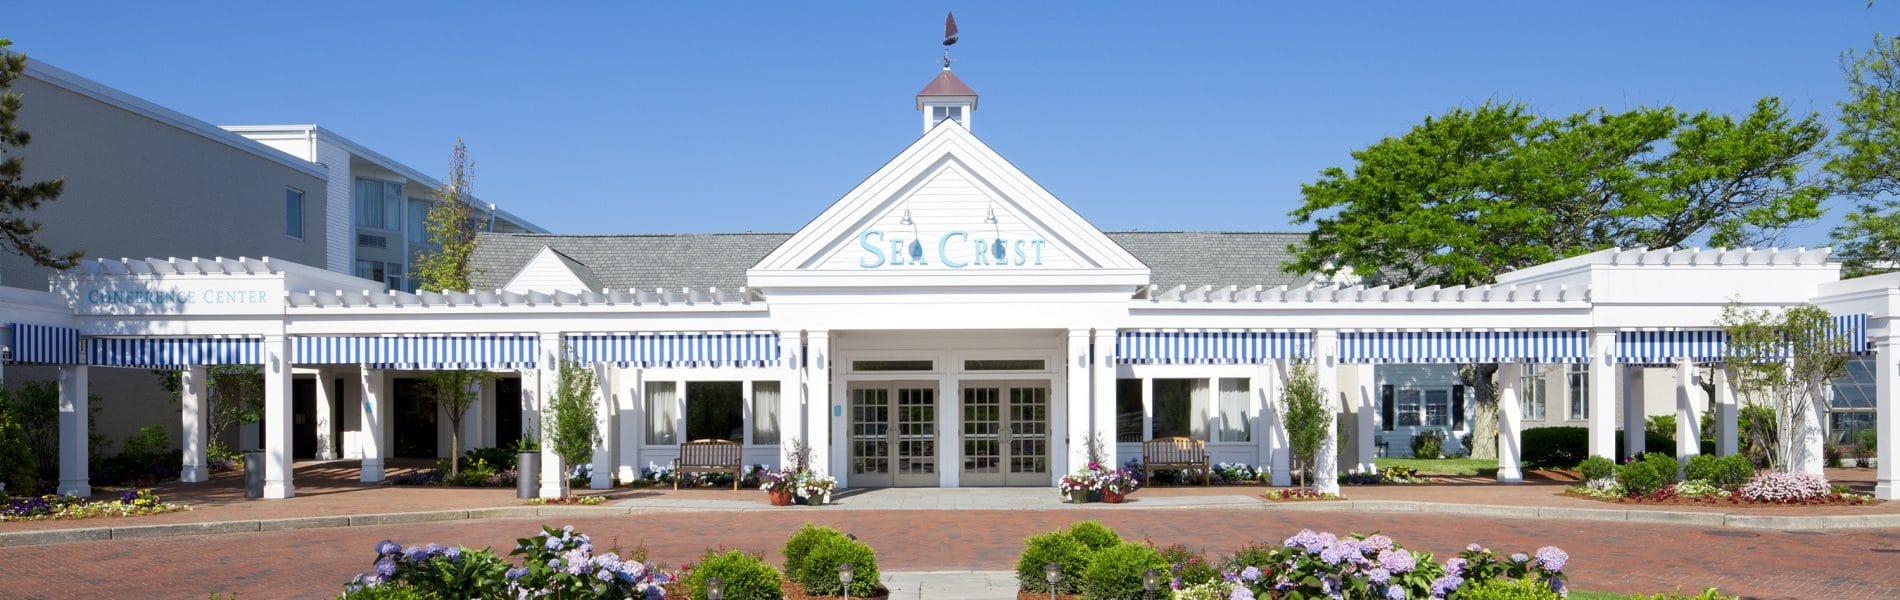 The Sea Crest Beach Hotel Cape Cod